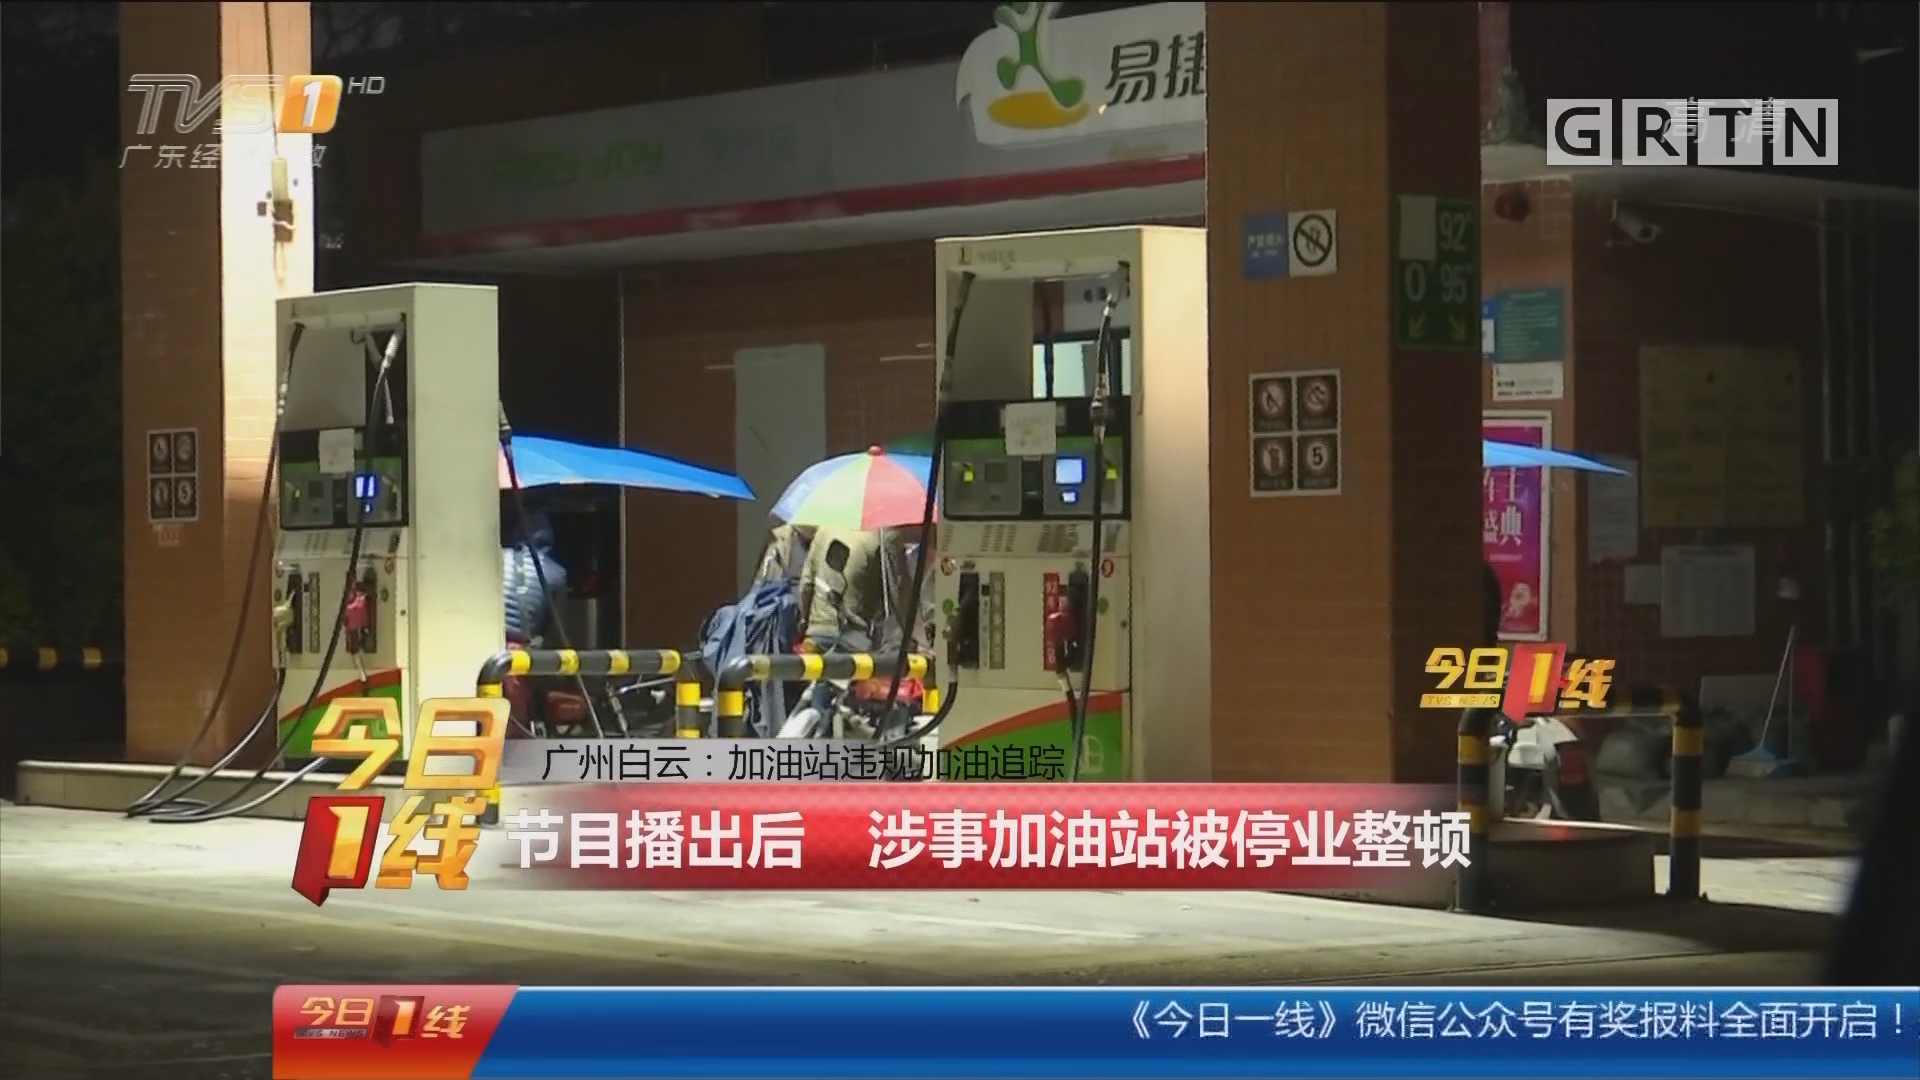 广州白云:加油站违规加油追踪 节目播出后 涉事加油站被停业整顿